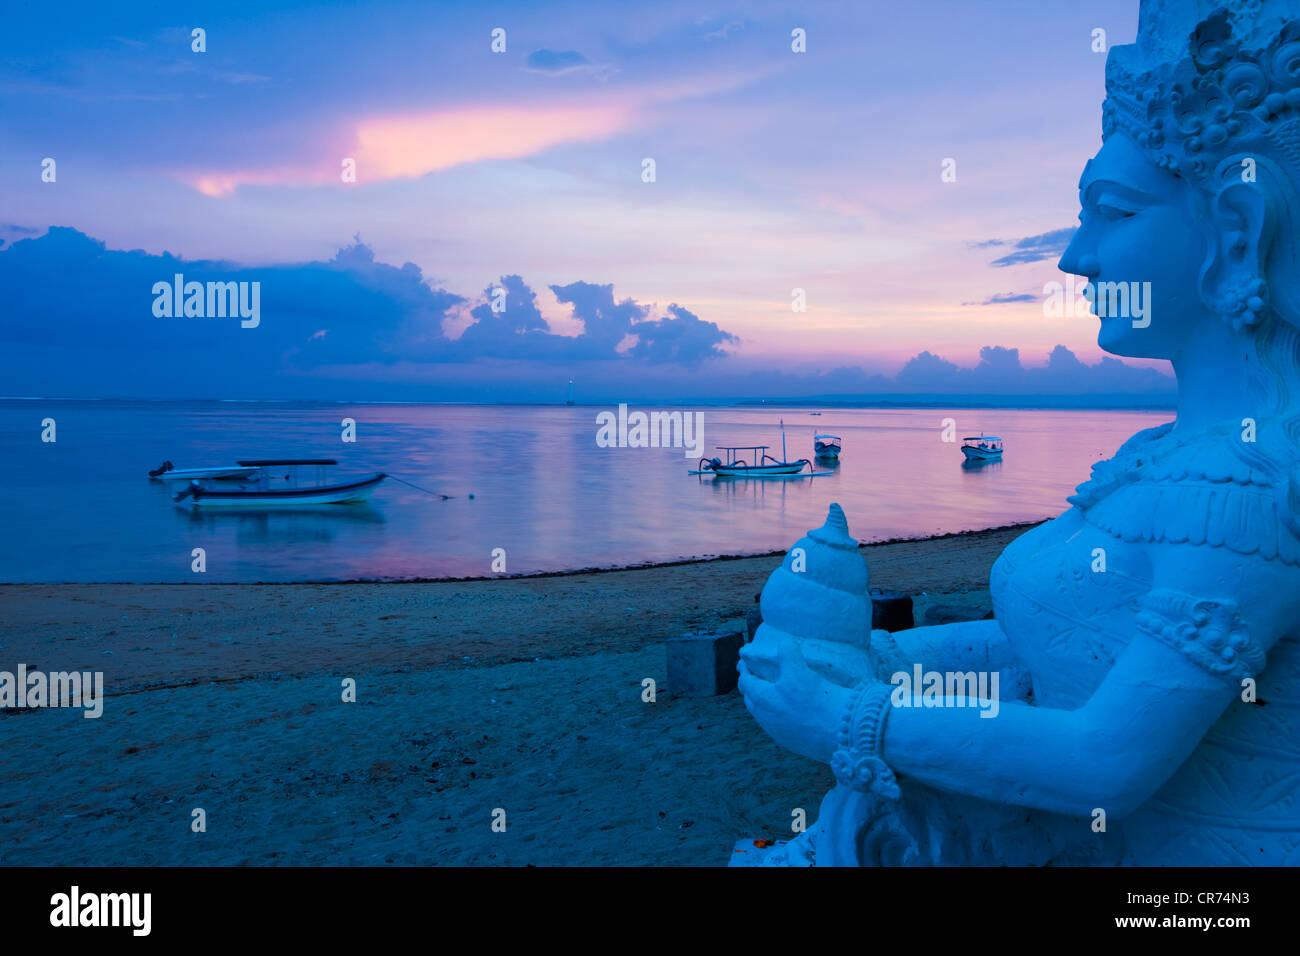 A Indonésia, Bali, Sanur, Estátua com o mar em fundo ao anoitecer Imagens de Stock